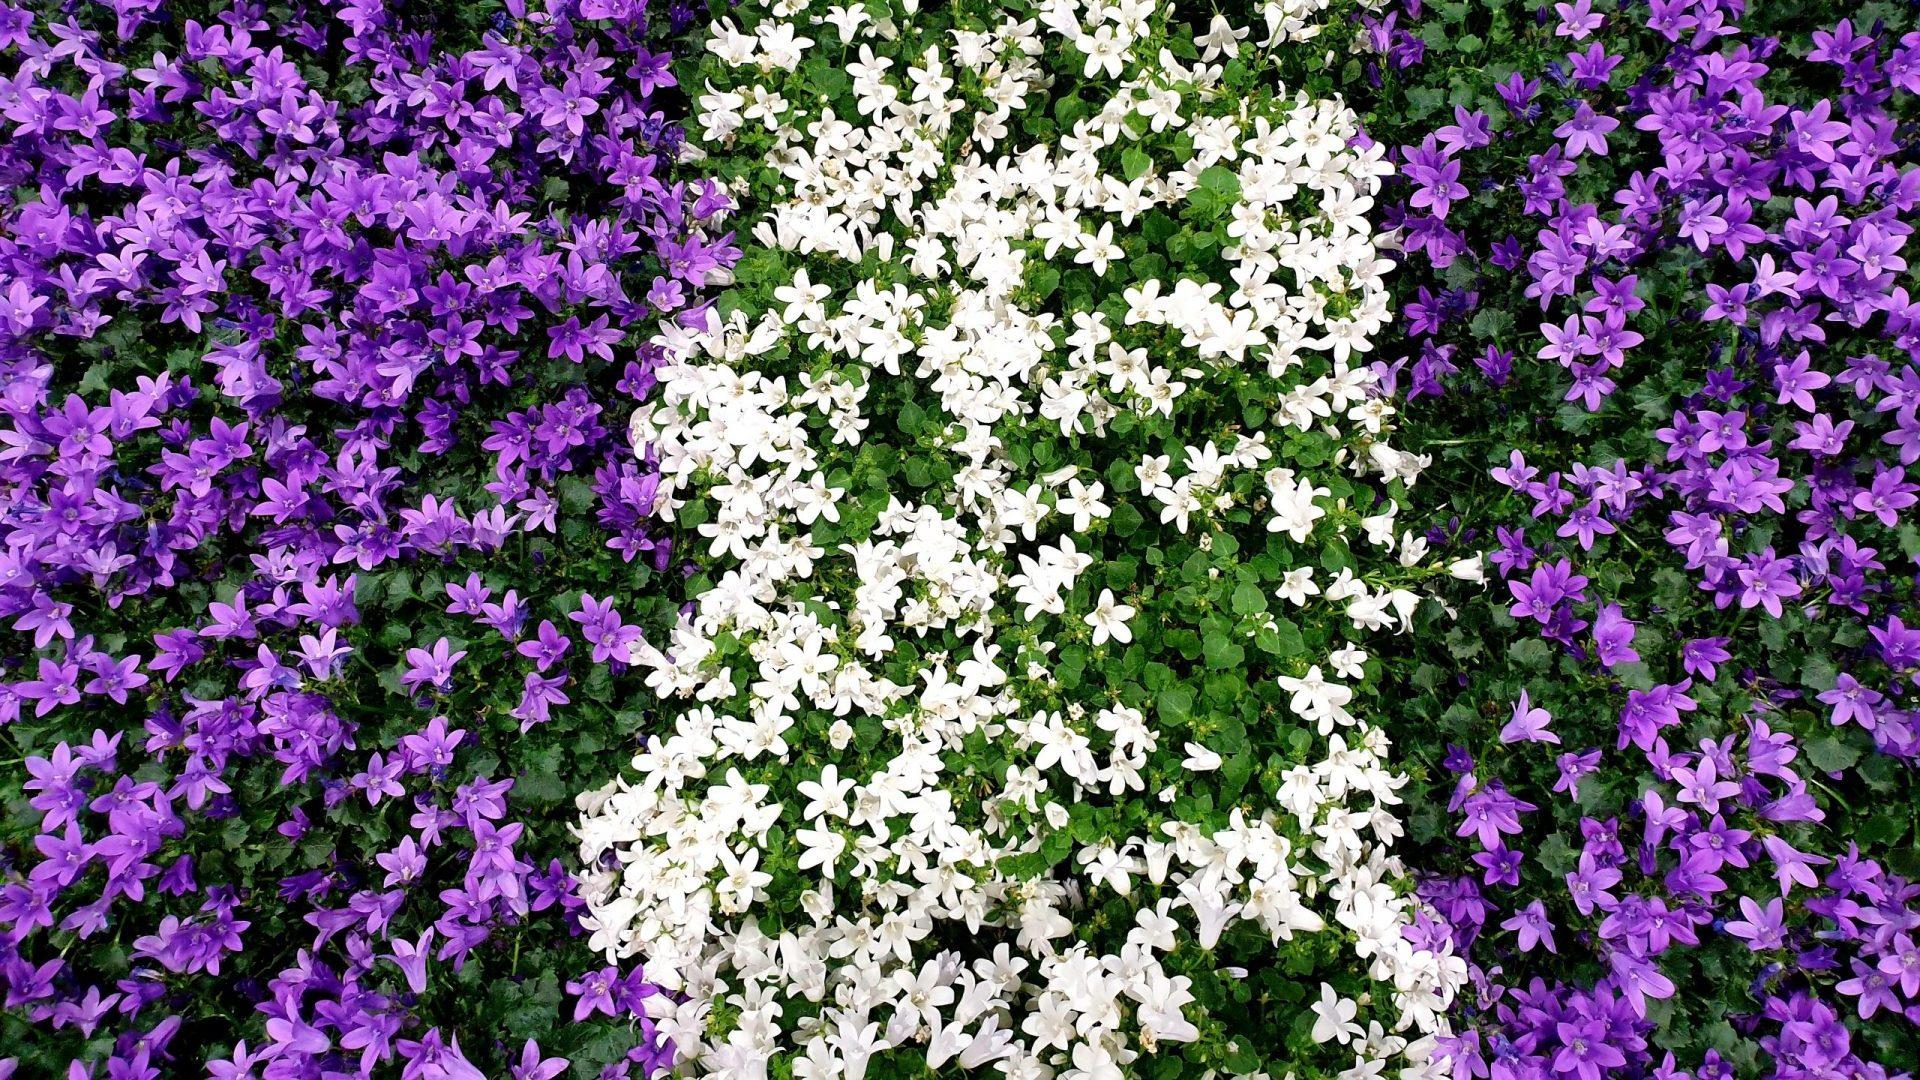 Oglej in Pordenone – Cvetlični sejem